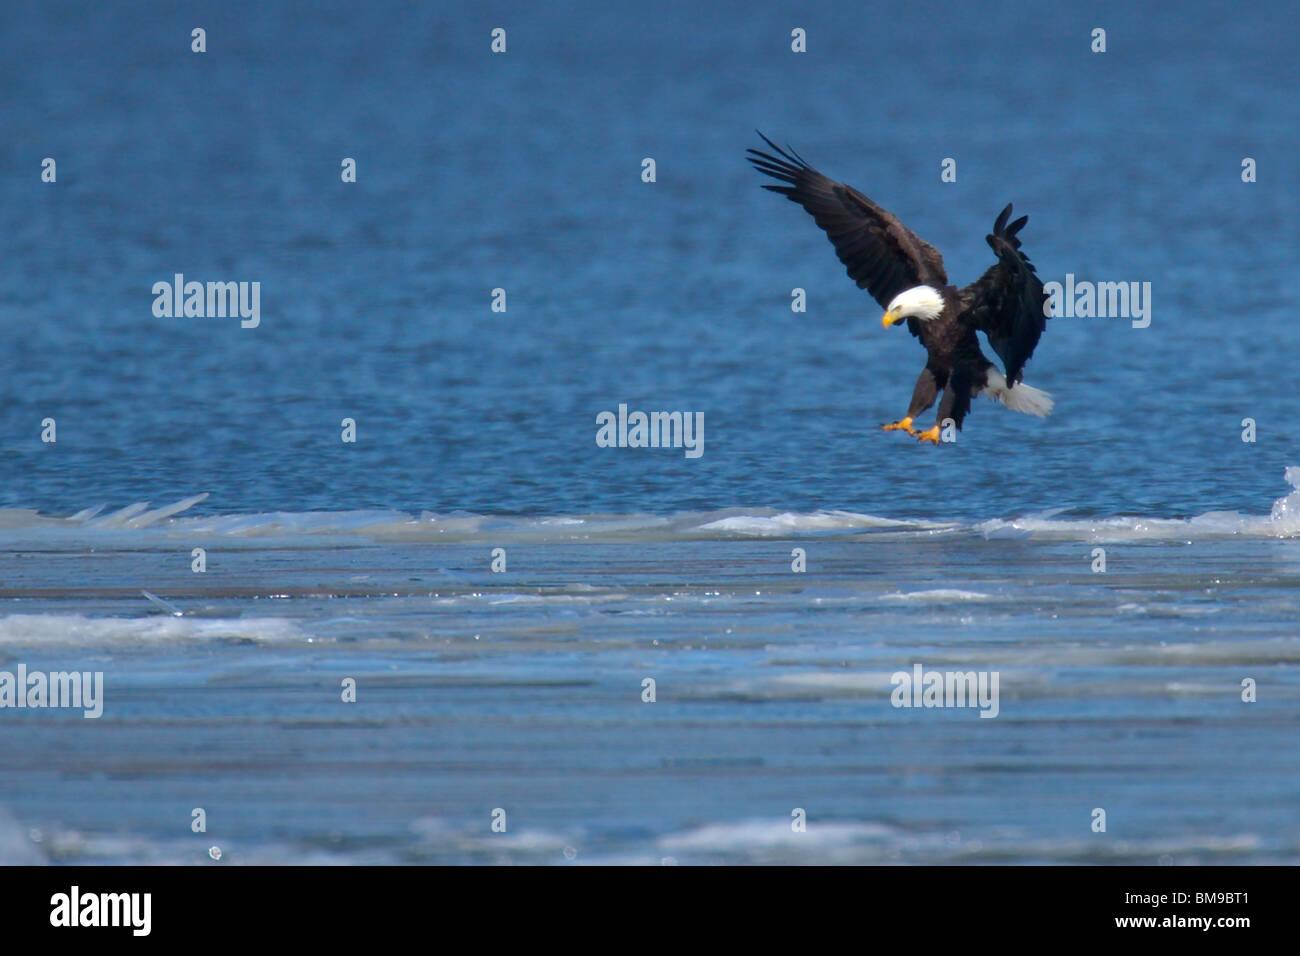 Erwachsene Männliche Weißkopf Seeadler Landung Auf Einer Eisscholle